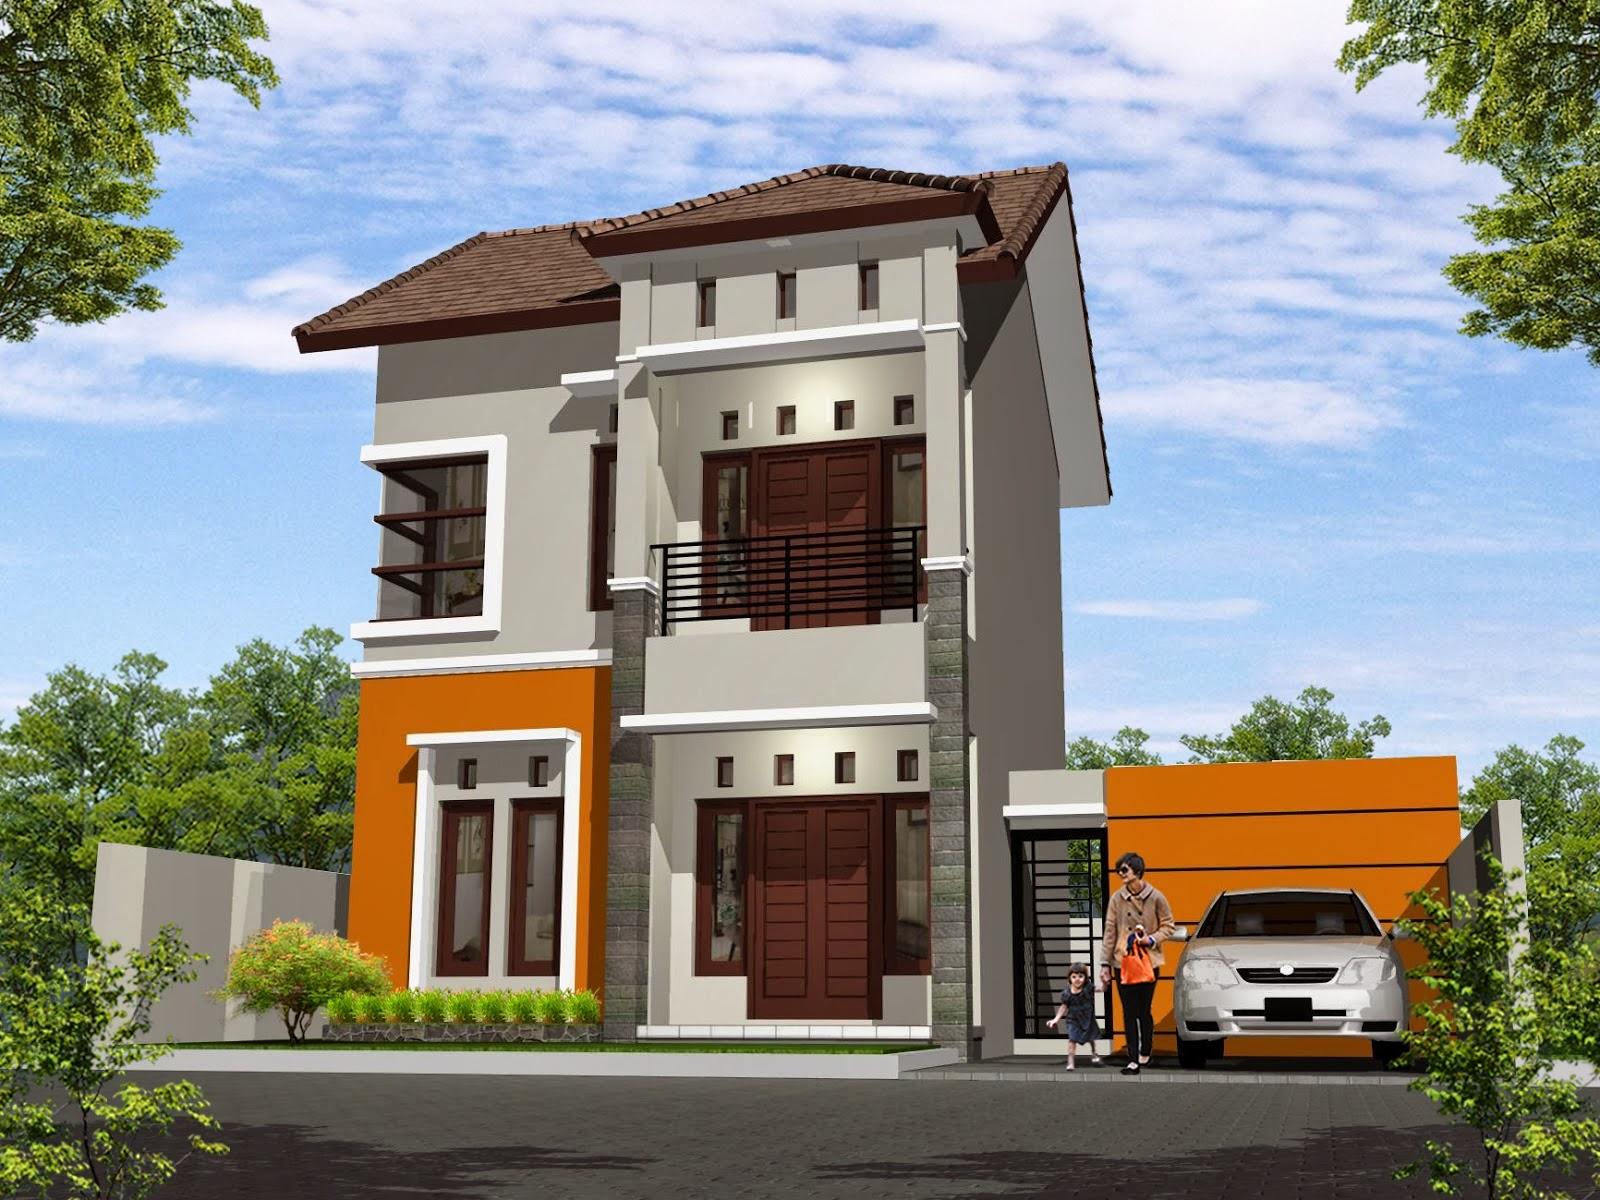 69 Desain Rumah Minimalis Modern 2 Lantai 2014